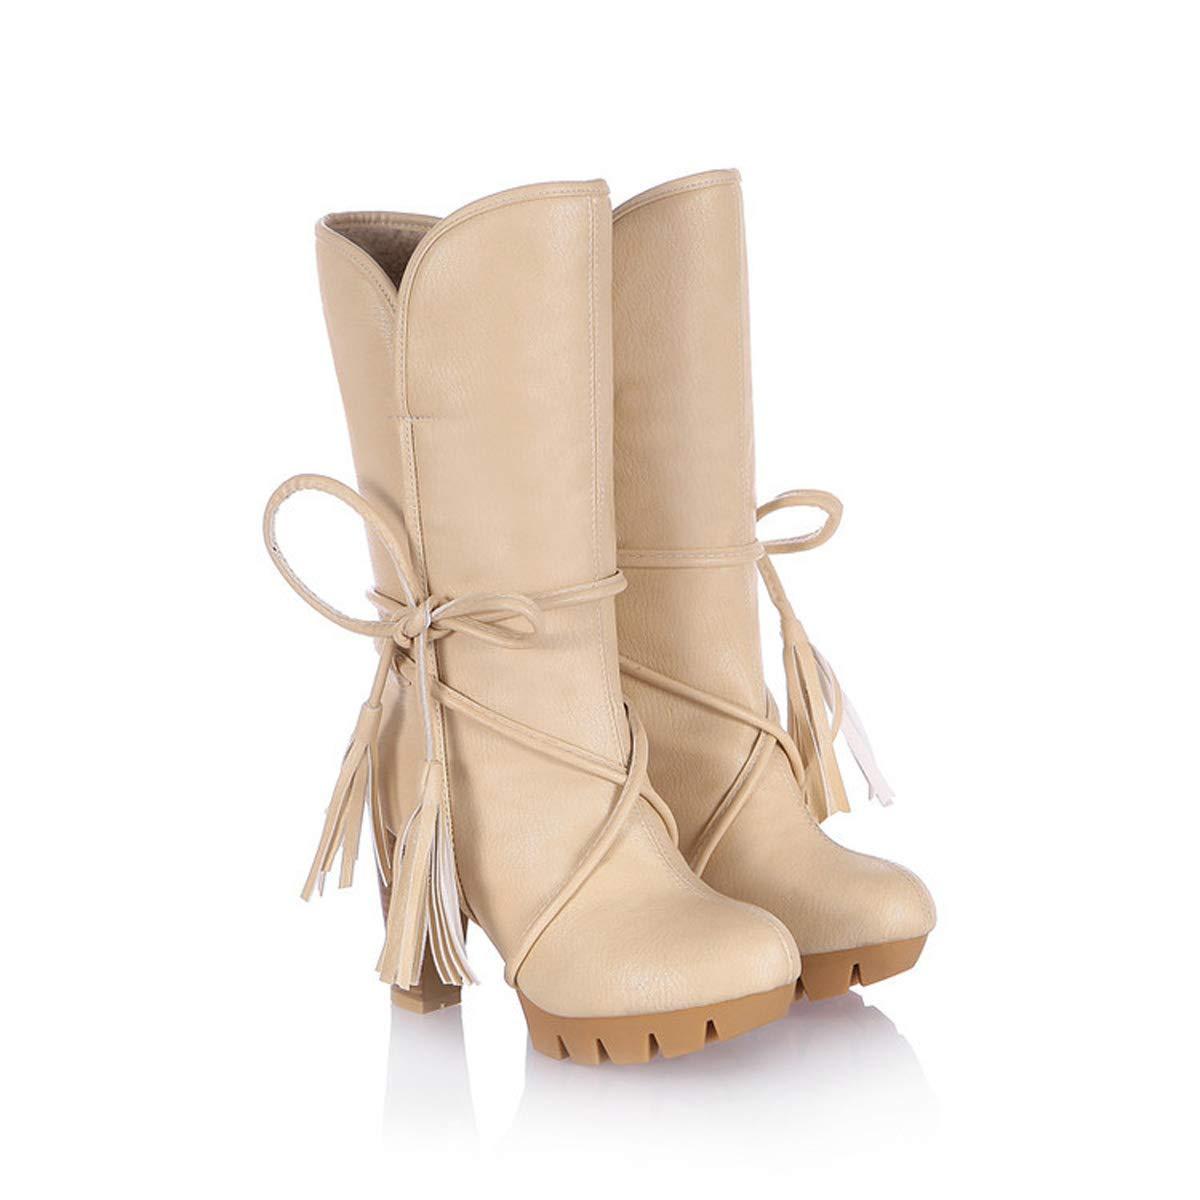 C 37EU DANDANJIE femmes Mid-Veau Bottes Chunky Heel Lacet-up Bottes Gland Talons Hauts Chaussures (3 Couleurs)